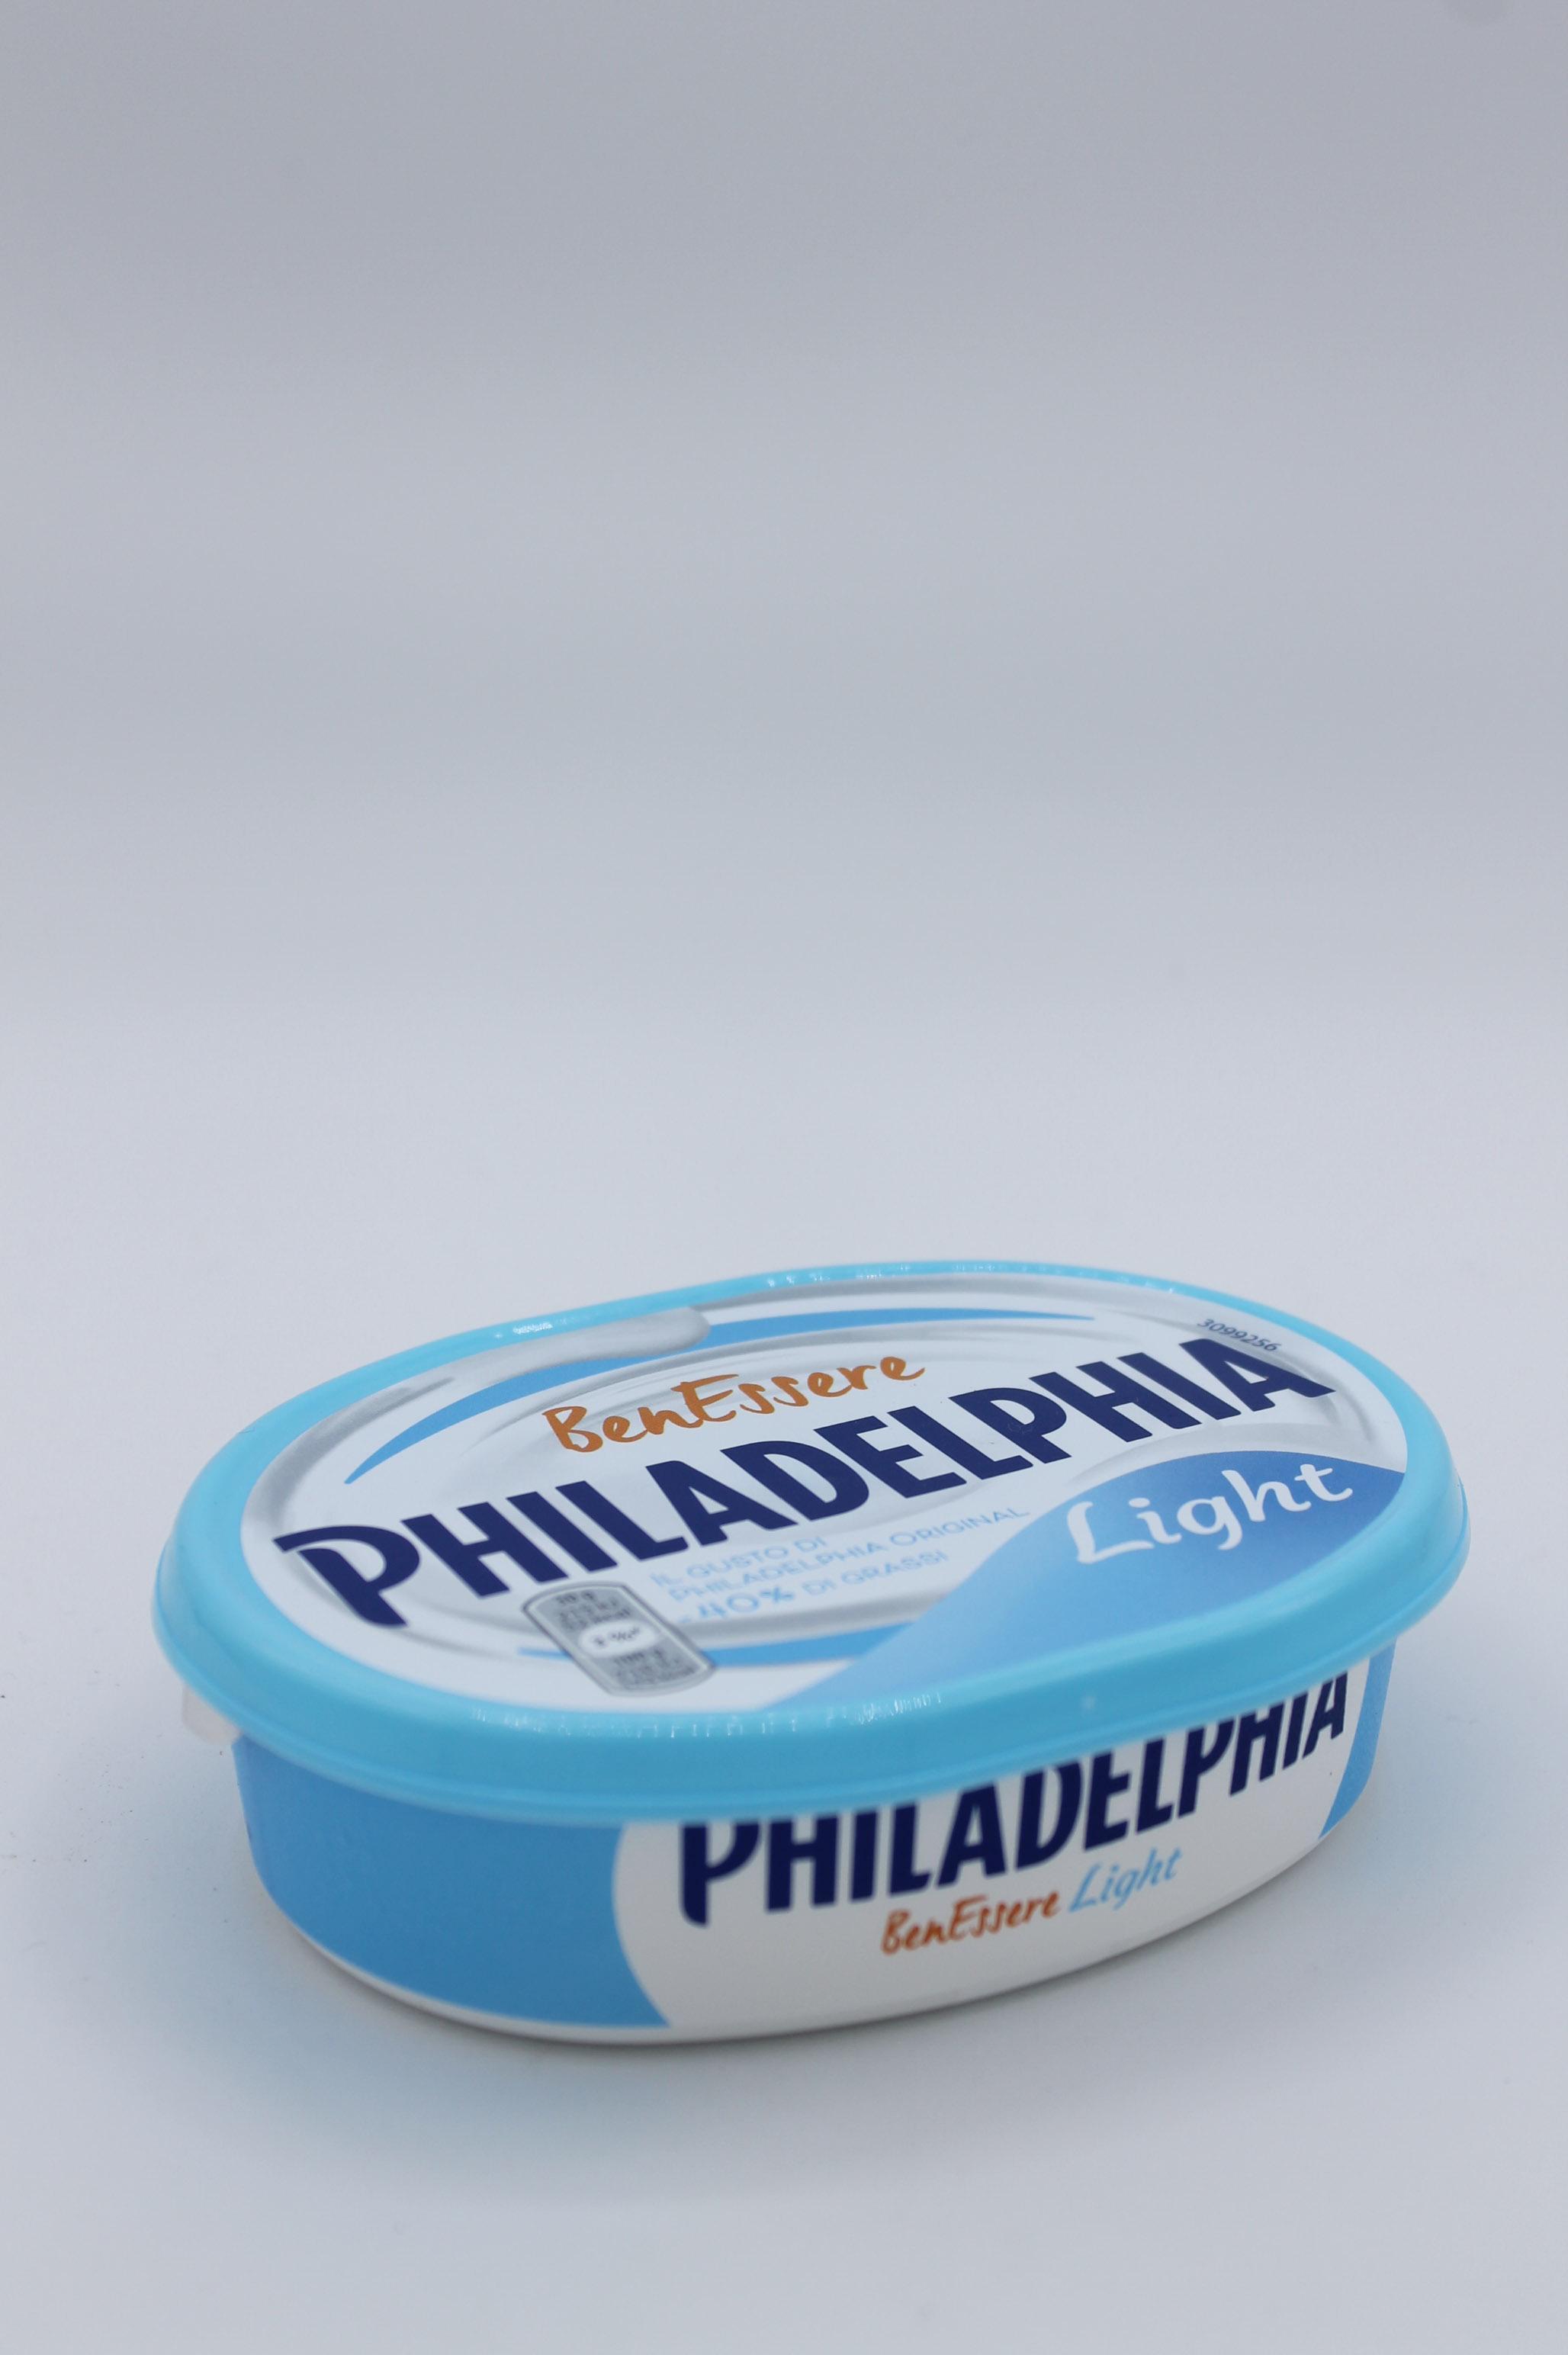 Philadelphia light 175gr.